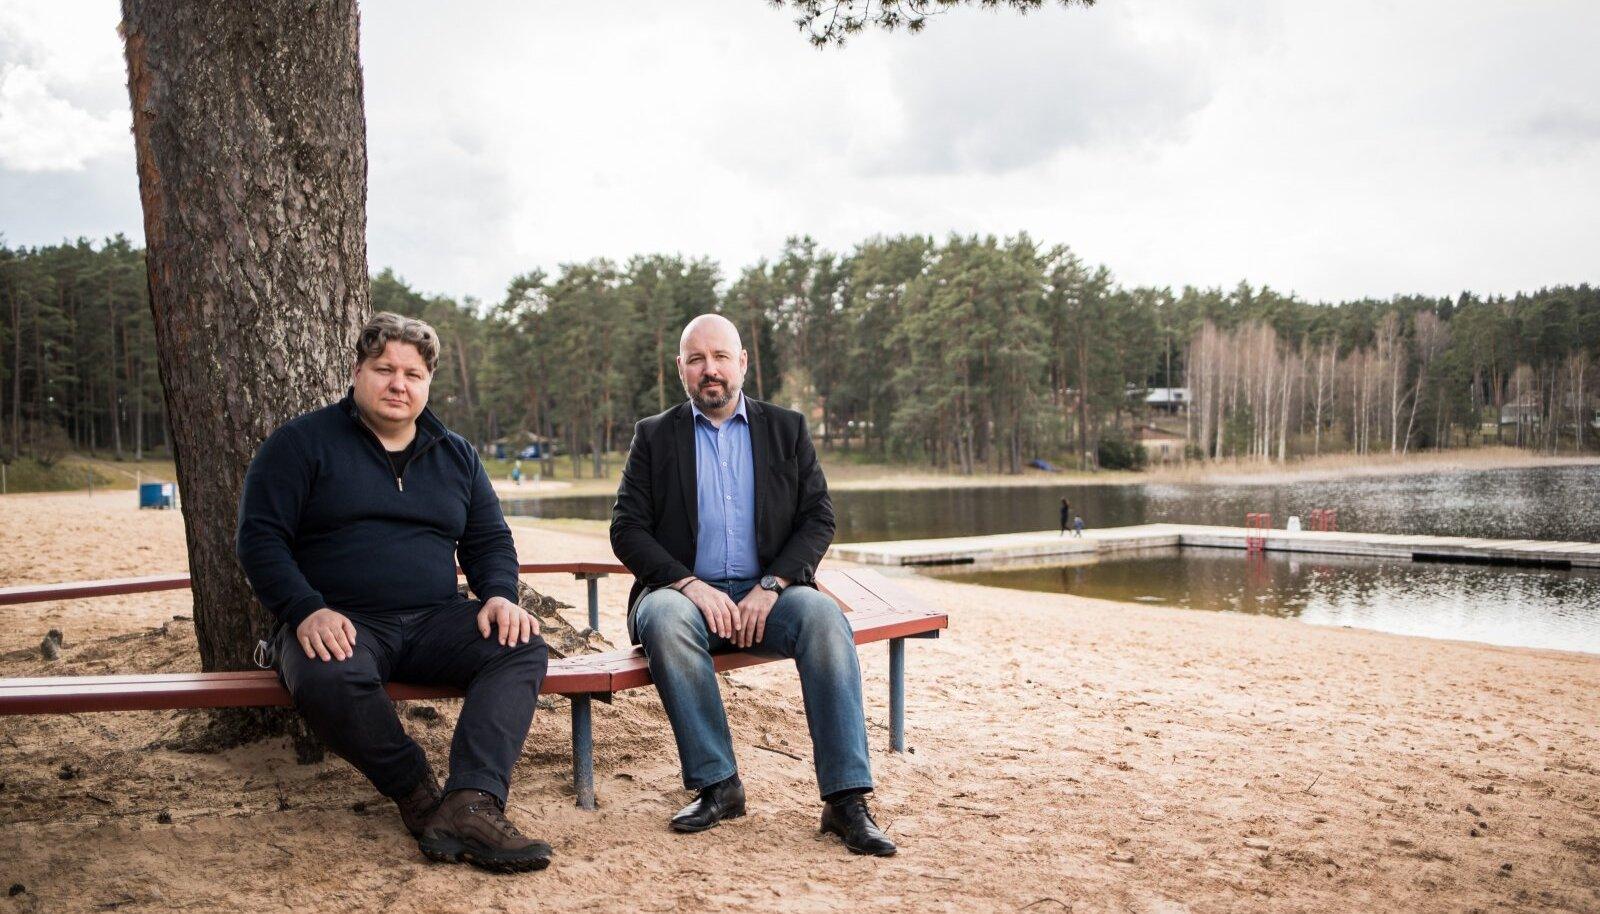 """""""Suur rannahoone ei sobi siia kohta mitte!"""" ütlevad Toomas Laatsit (vasakul) ja Juhani Jaeger. Paljud elvakad on nendega ühel nõul."""